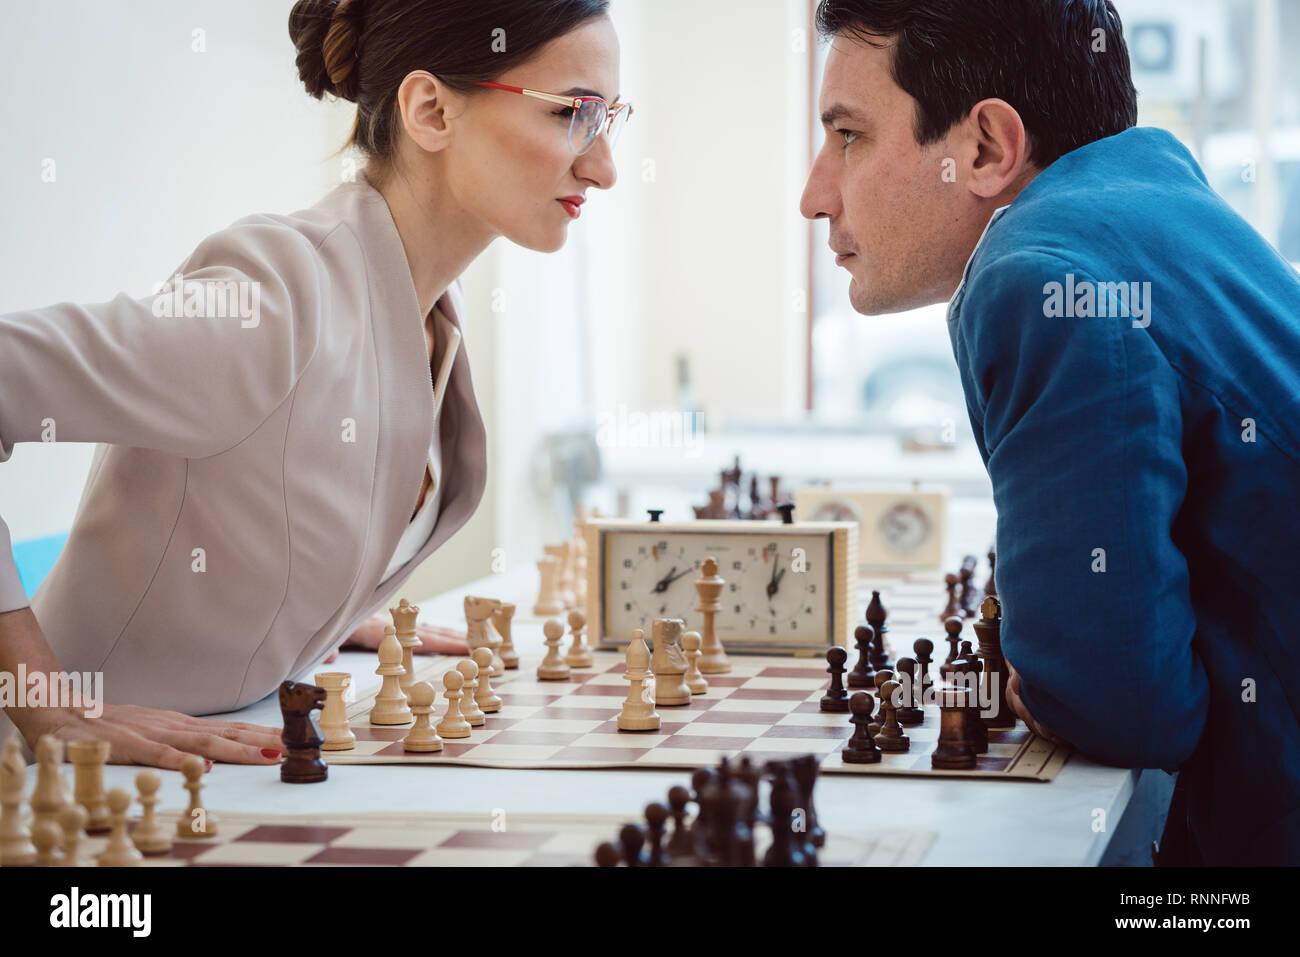 Konzept der Konfrontation, Geschäftsleute Schach spielen Stockbild